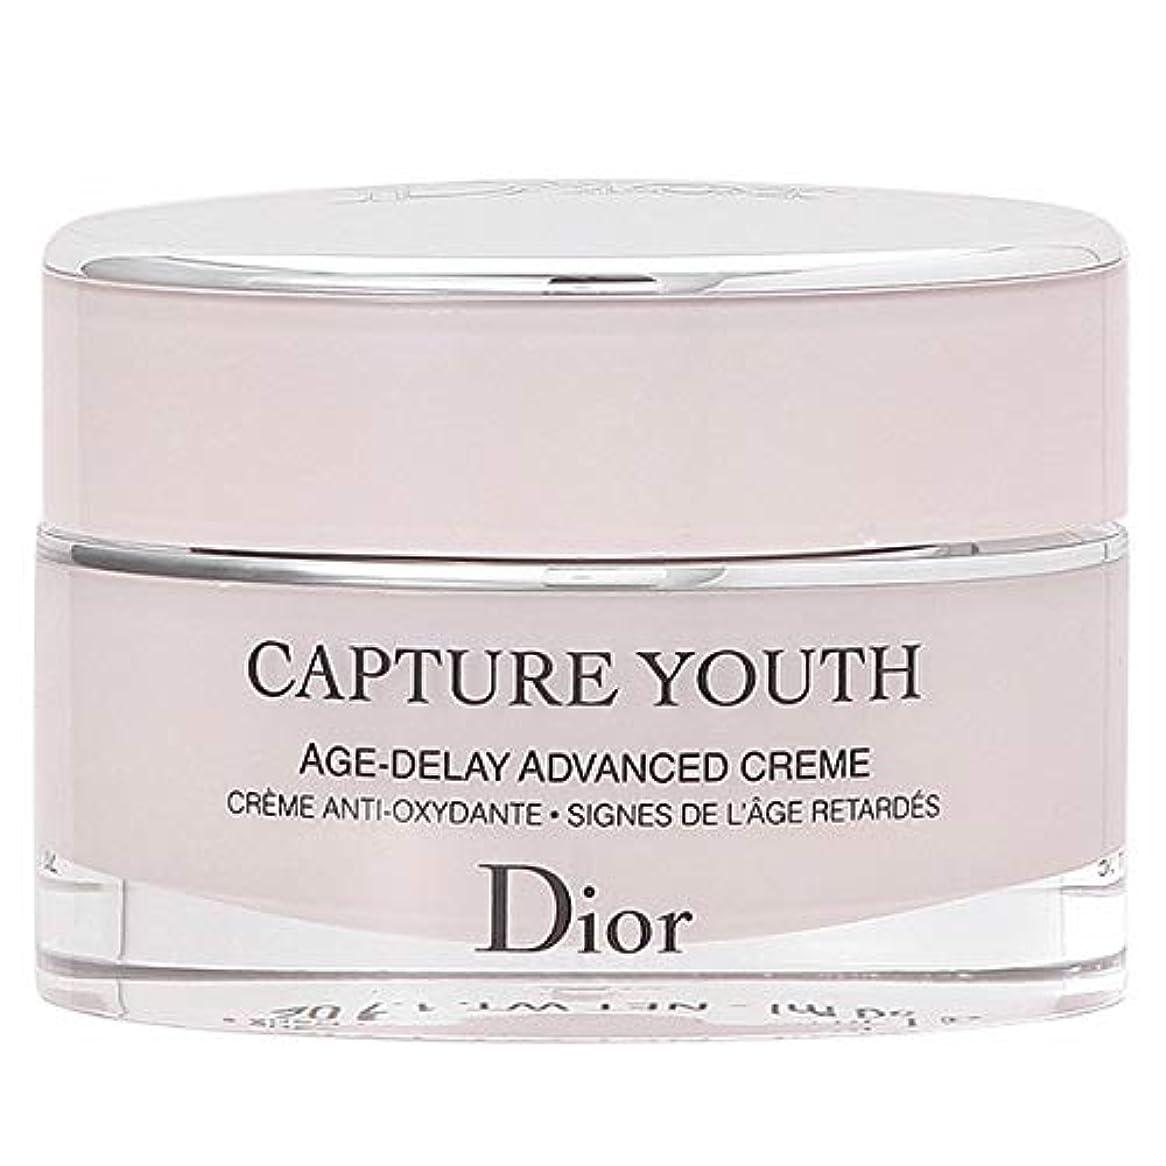 鬼ごっこスープベースクリスチャンディオール Christian Dior カプチュール ユース 50mL [並行輸入品]